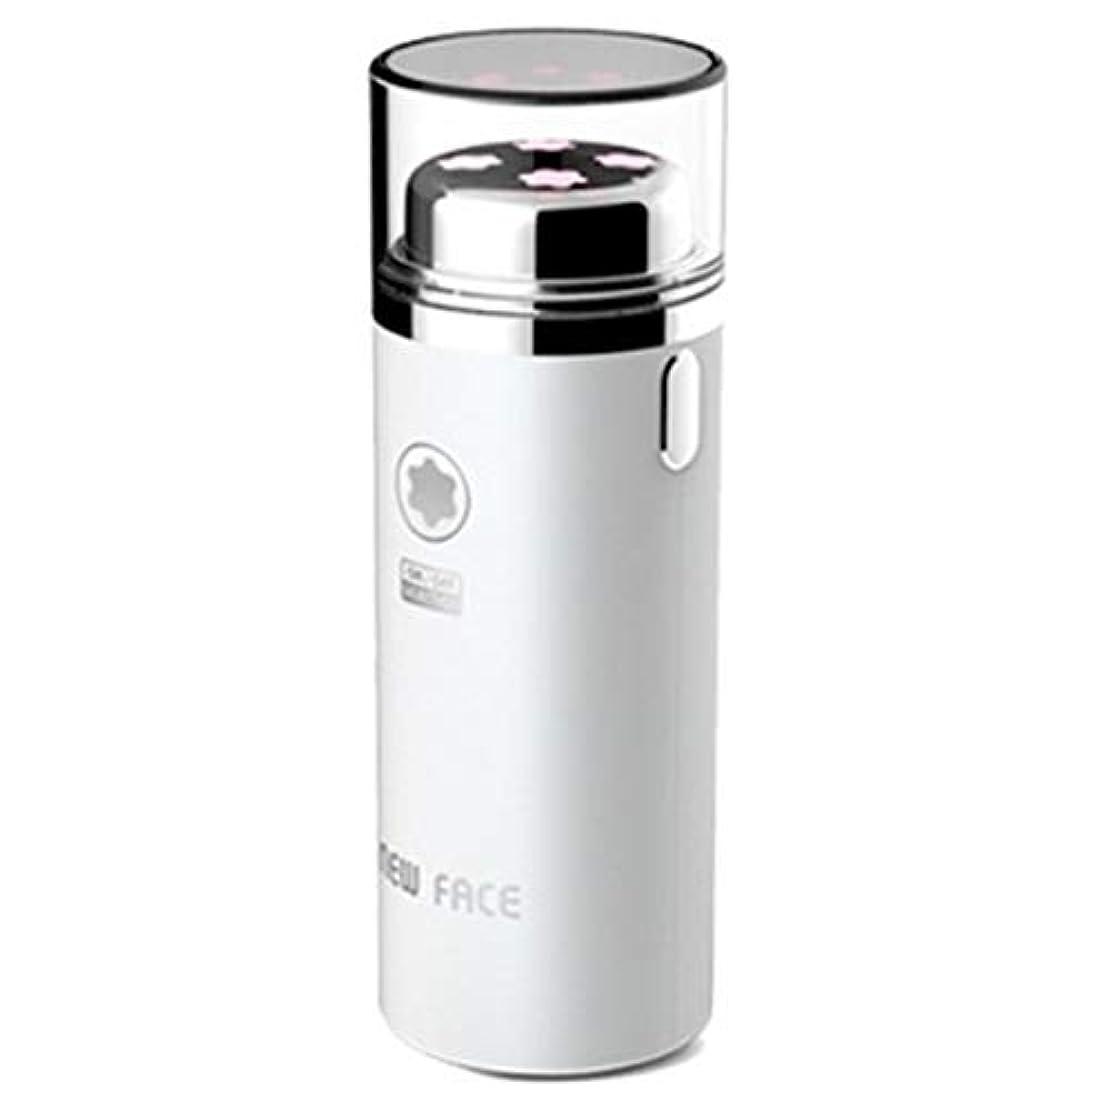 階段異議インストラクターエラニューフェイスガルバニックマイクロ振動イオンスキンマッサージャーEFM-2500ホワイト Elra New Face Galvanic Micro Vibration Ion Skin Massager EFM-2500...